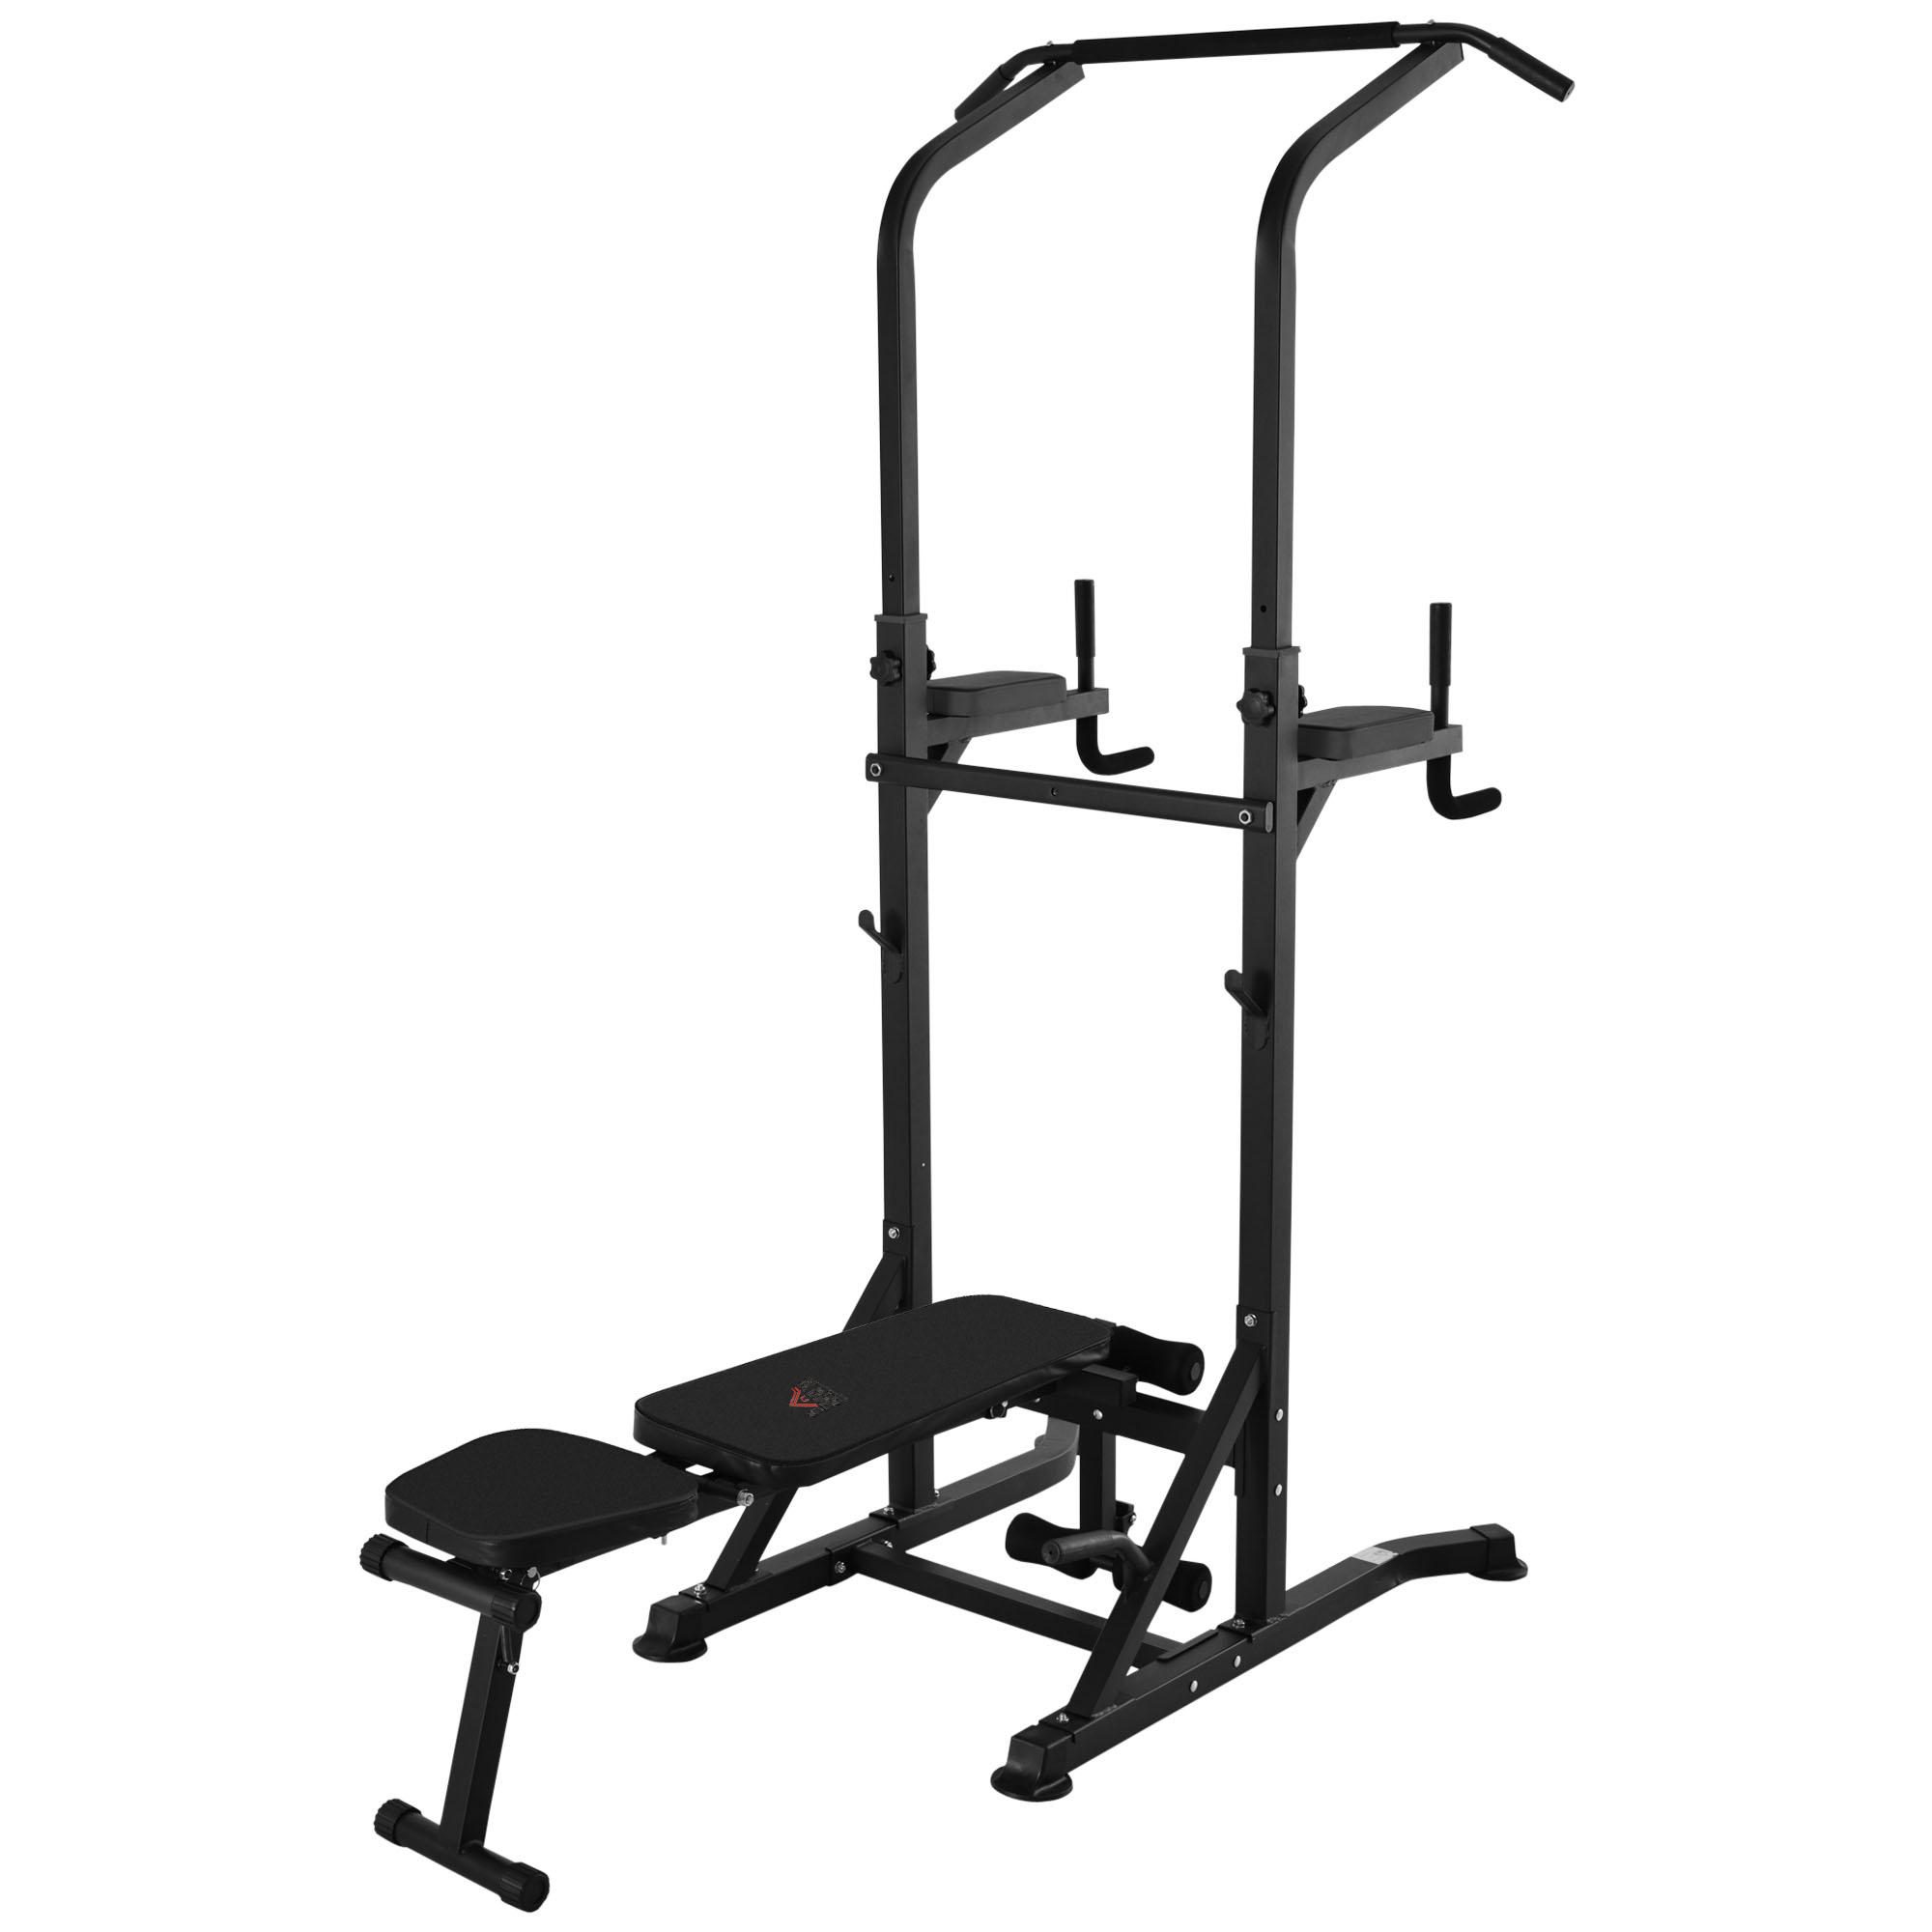 Station de musculation Fitness entrainement complet acier noir